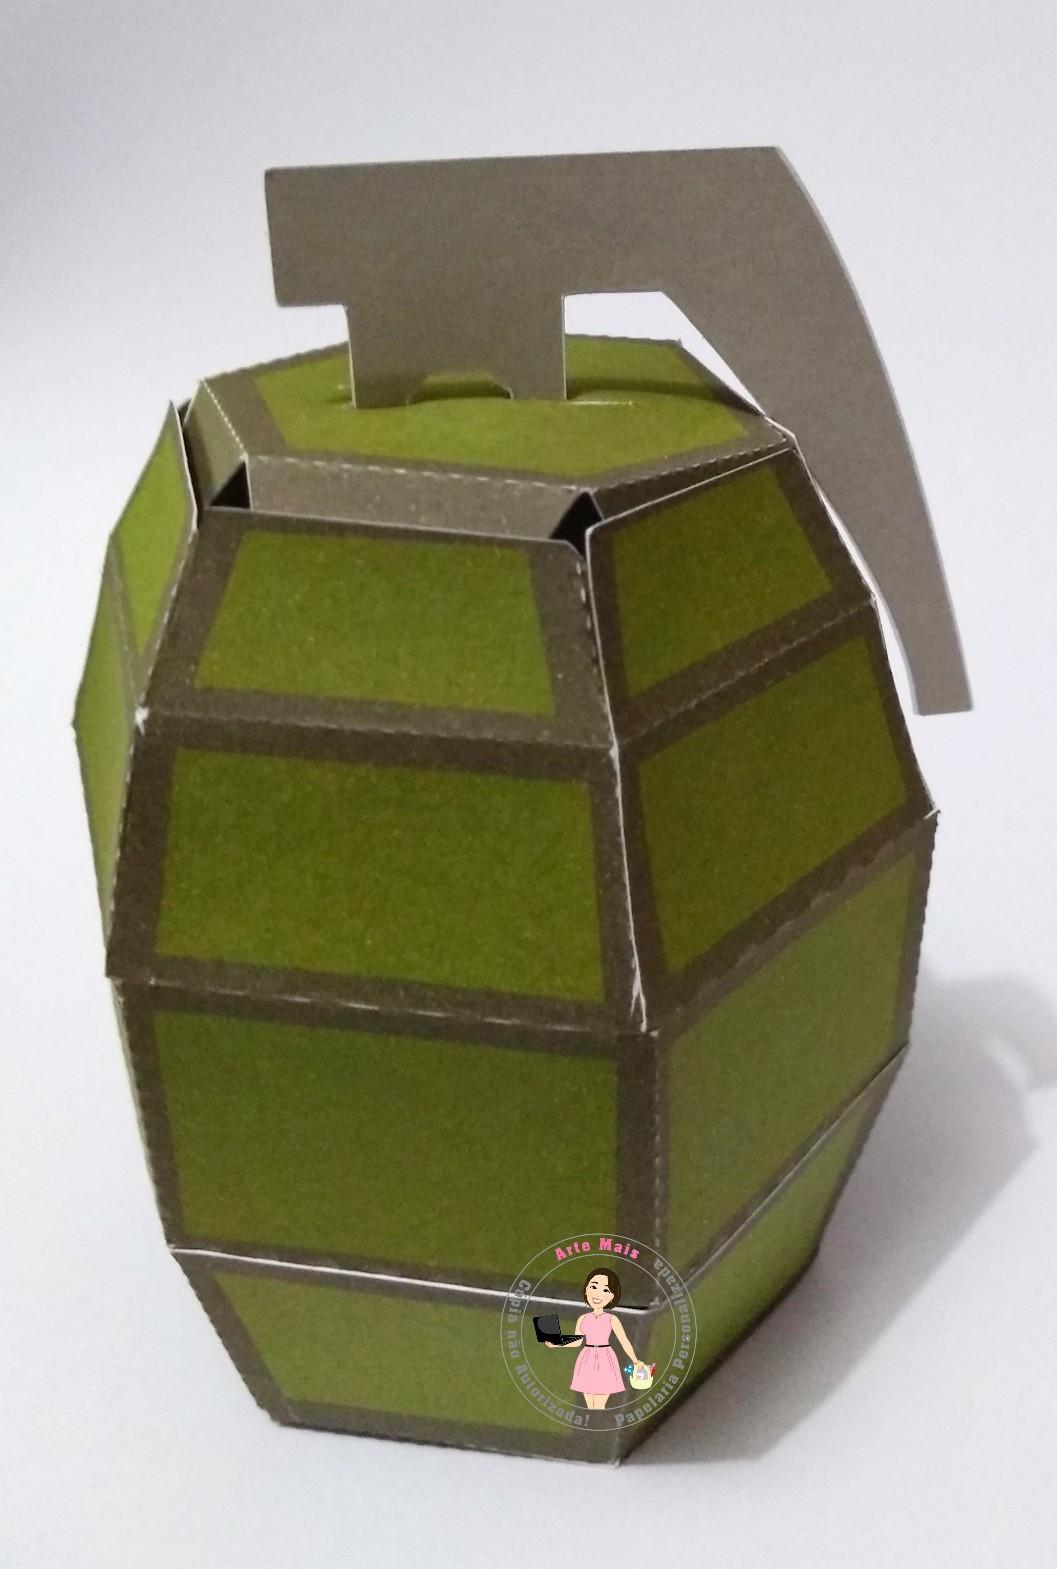 Corte pelo barato granada